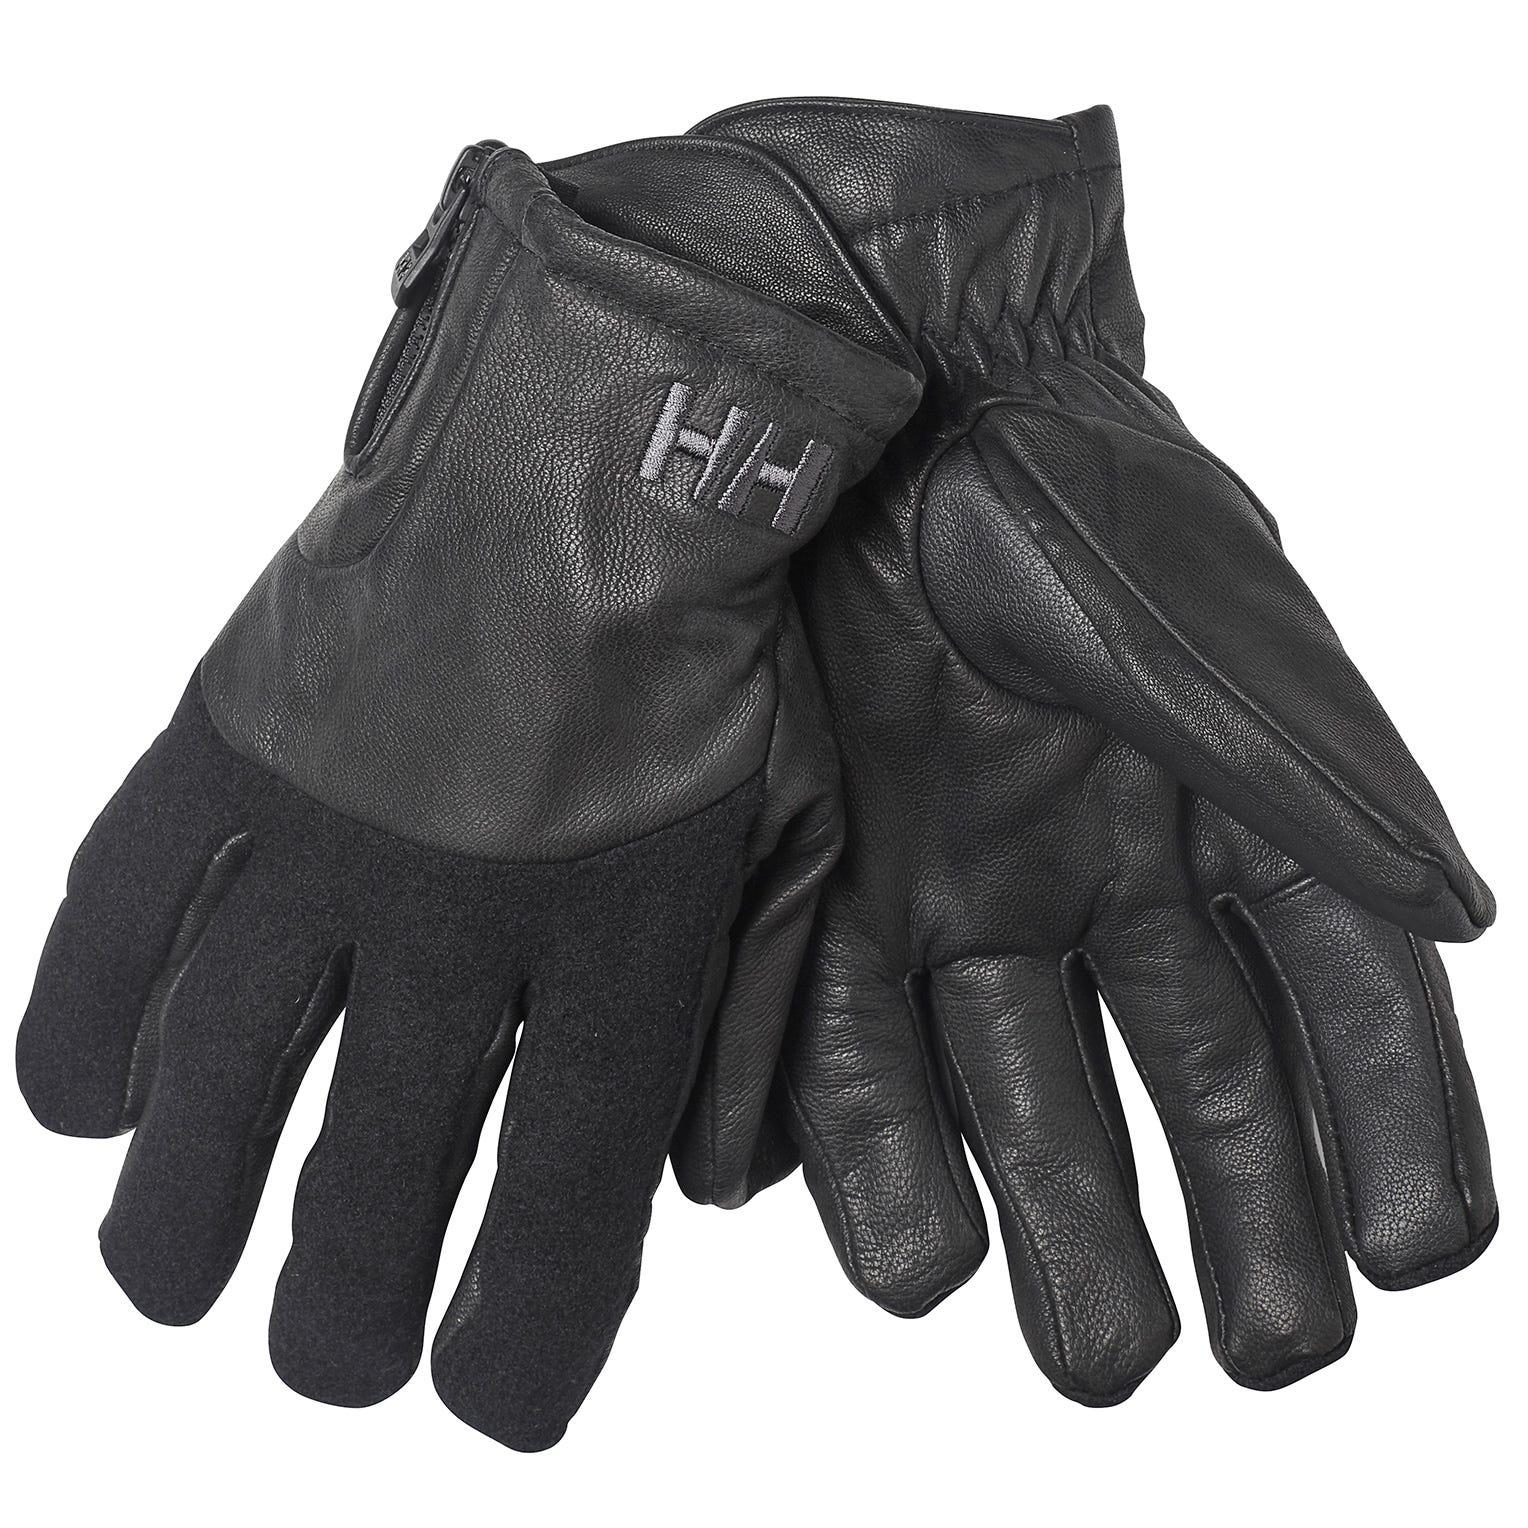 Helly Hansen Balder Glove Mens Black XL